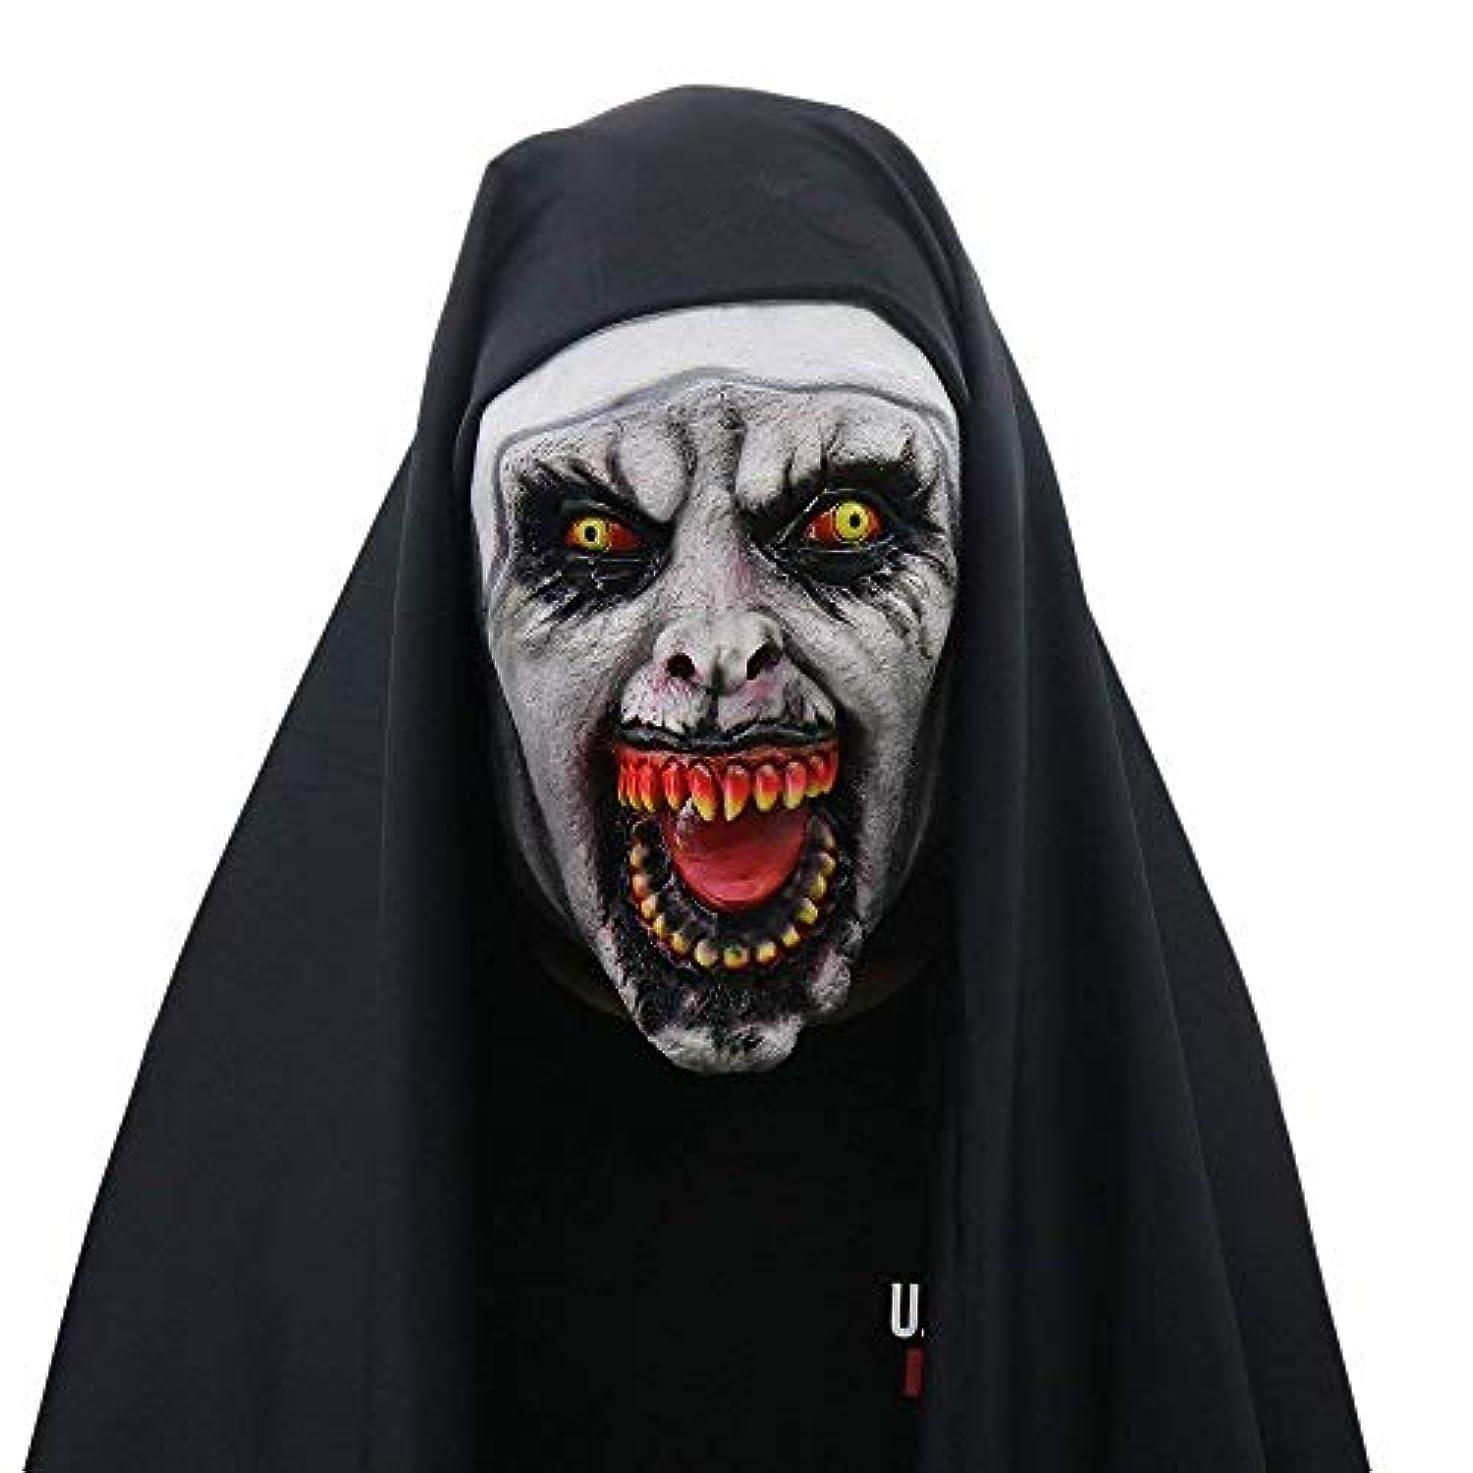 テスト天窓下手ハロウィン修道女マスク、ホラー怖い女性ゴースト整頓パーティー用品ゾンビマスク27 * 28 cm (Color : A)